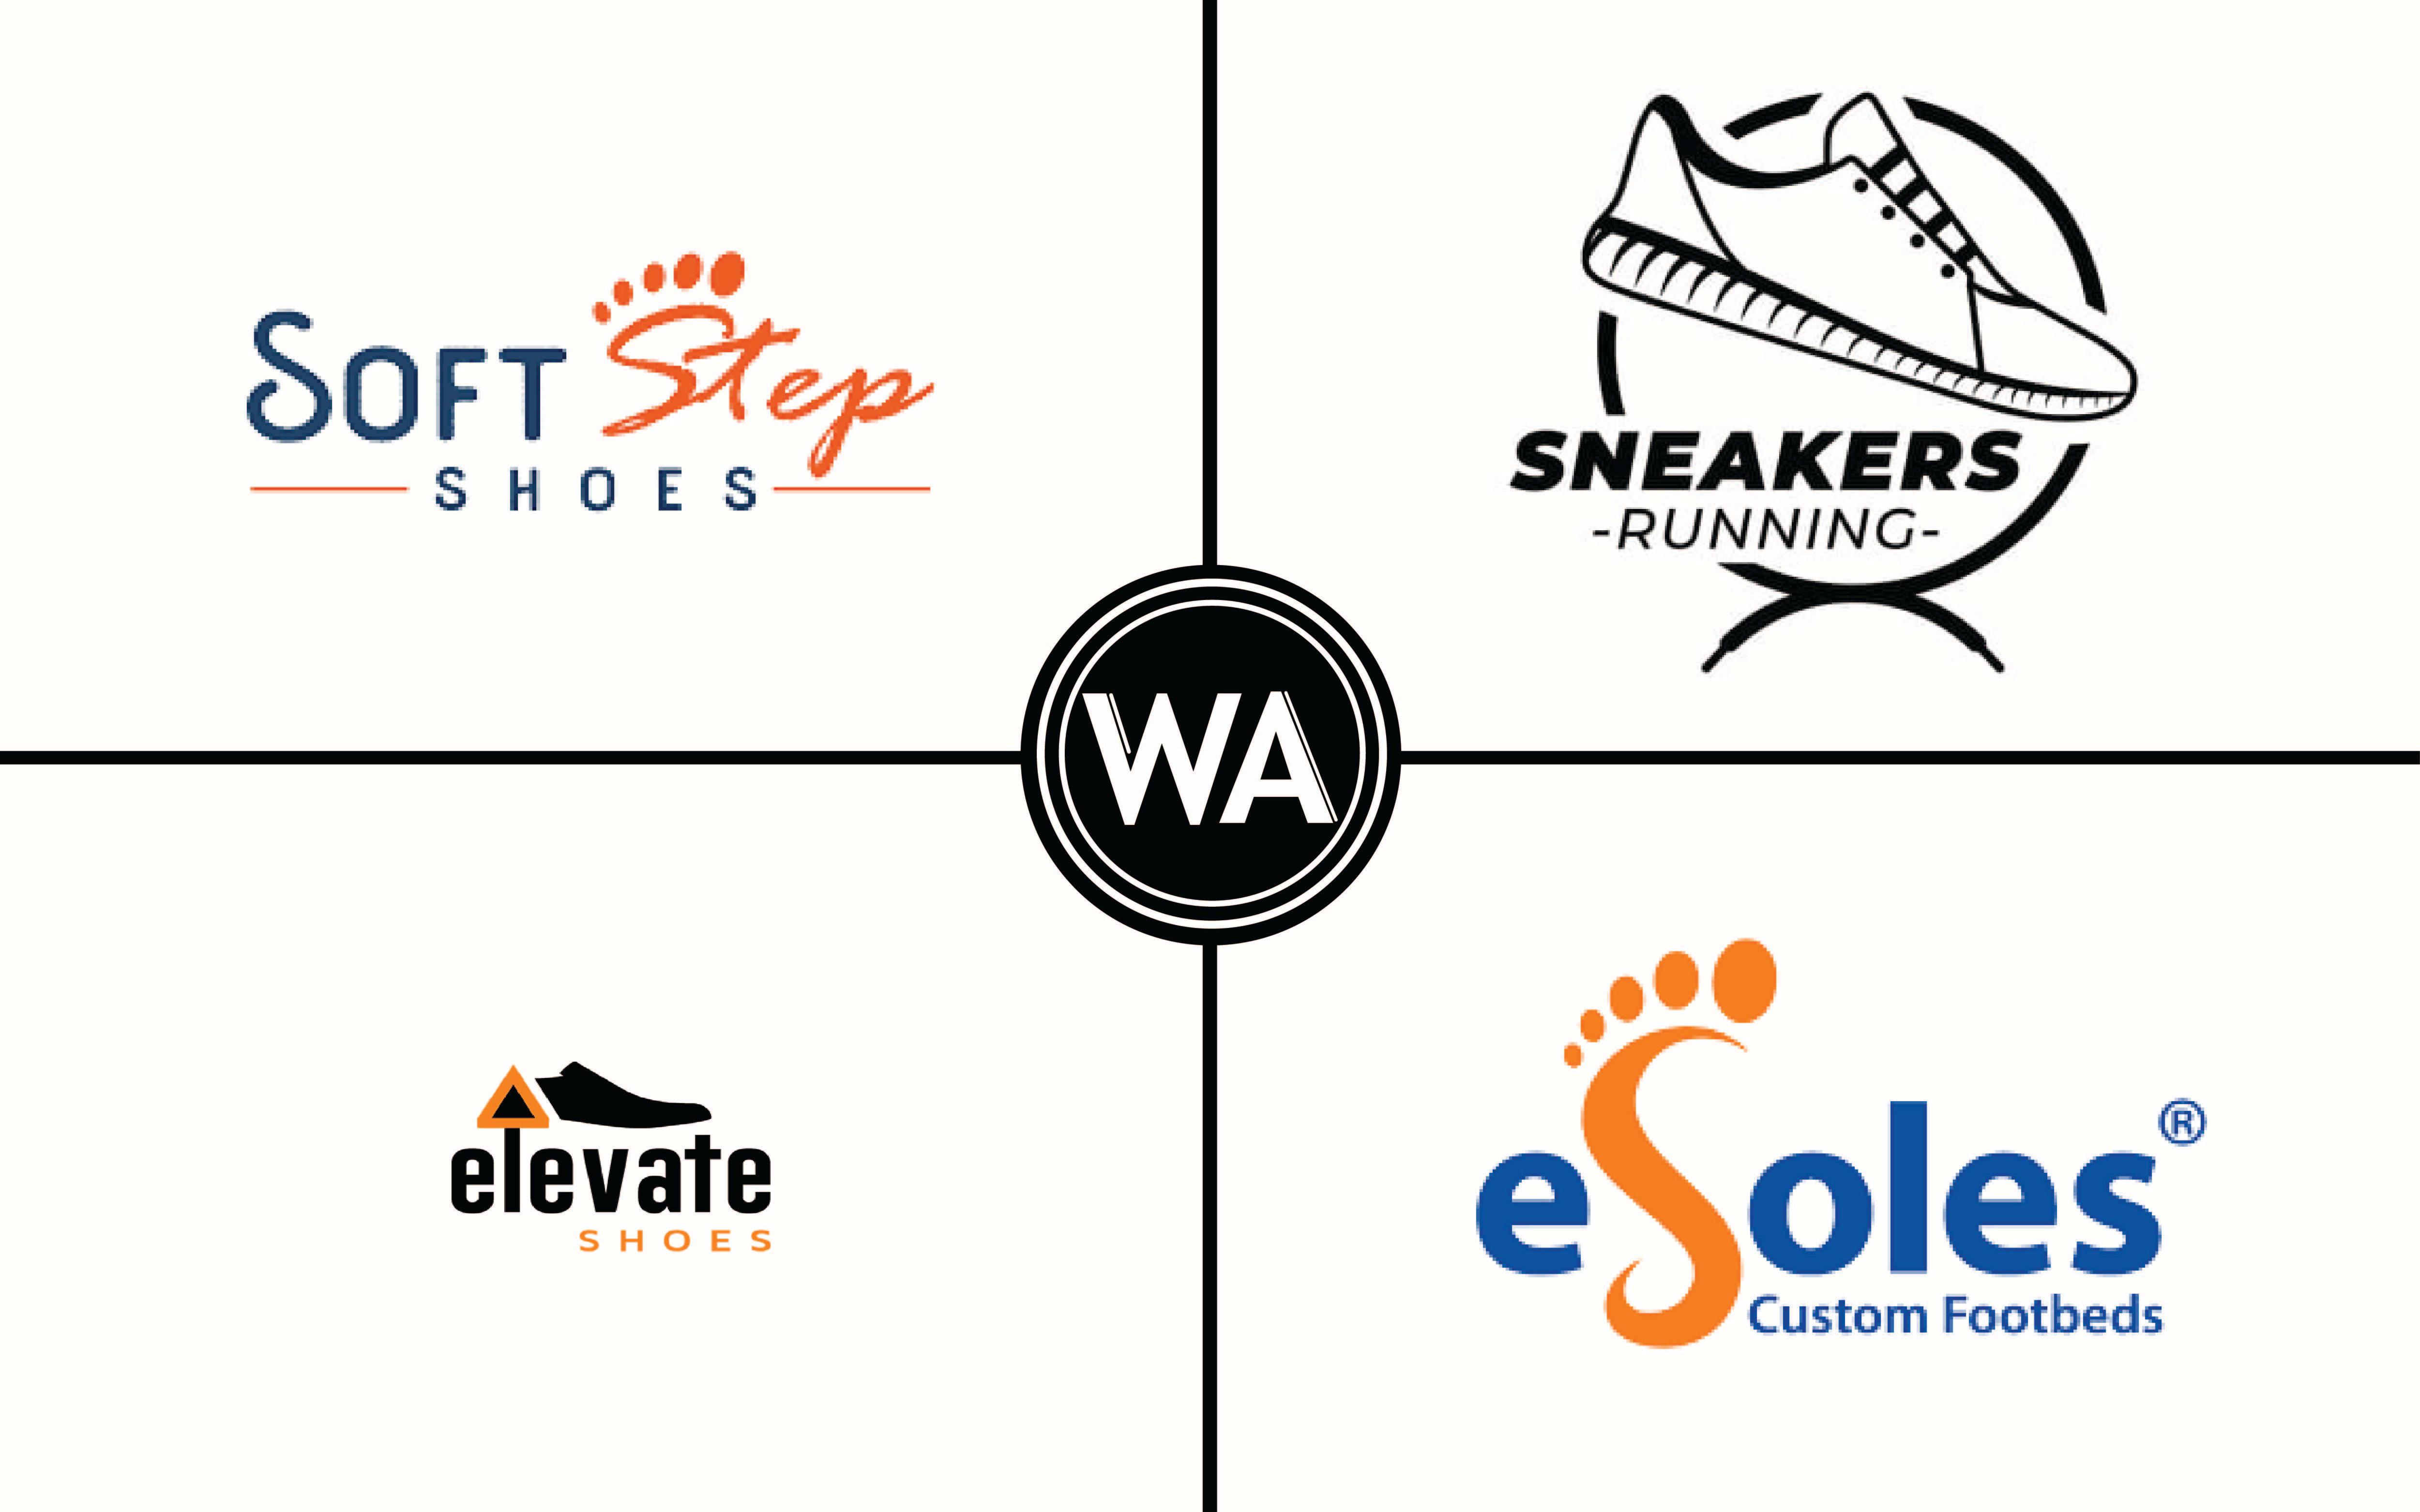 shoe brand with e logo